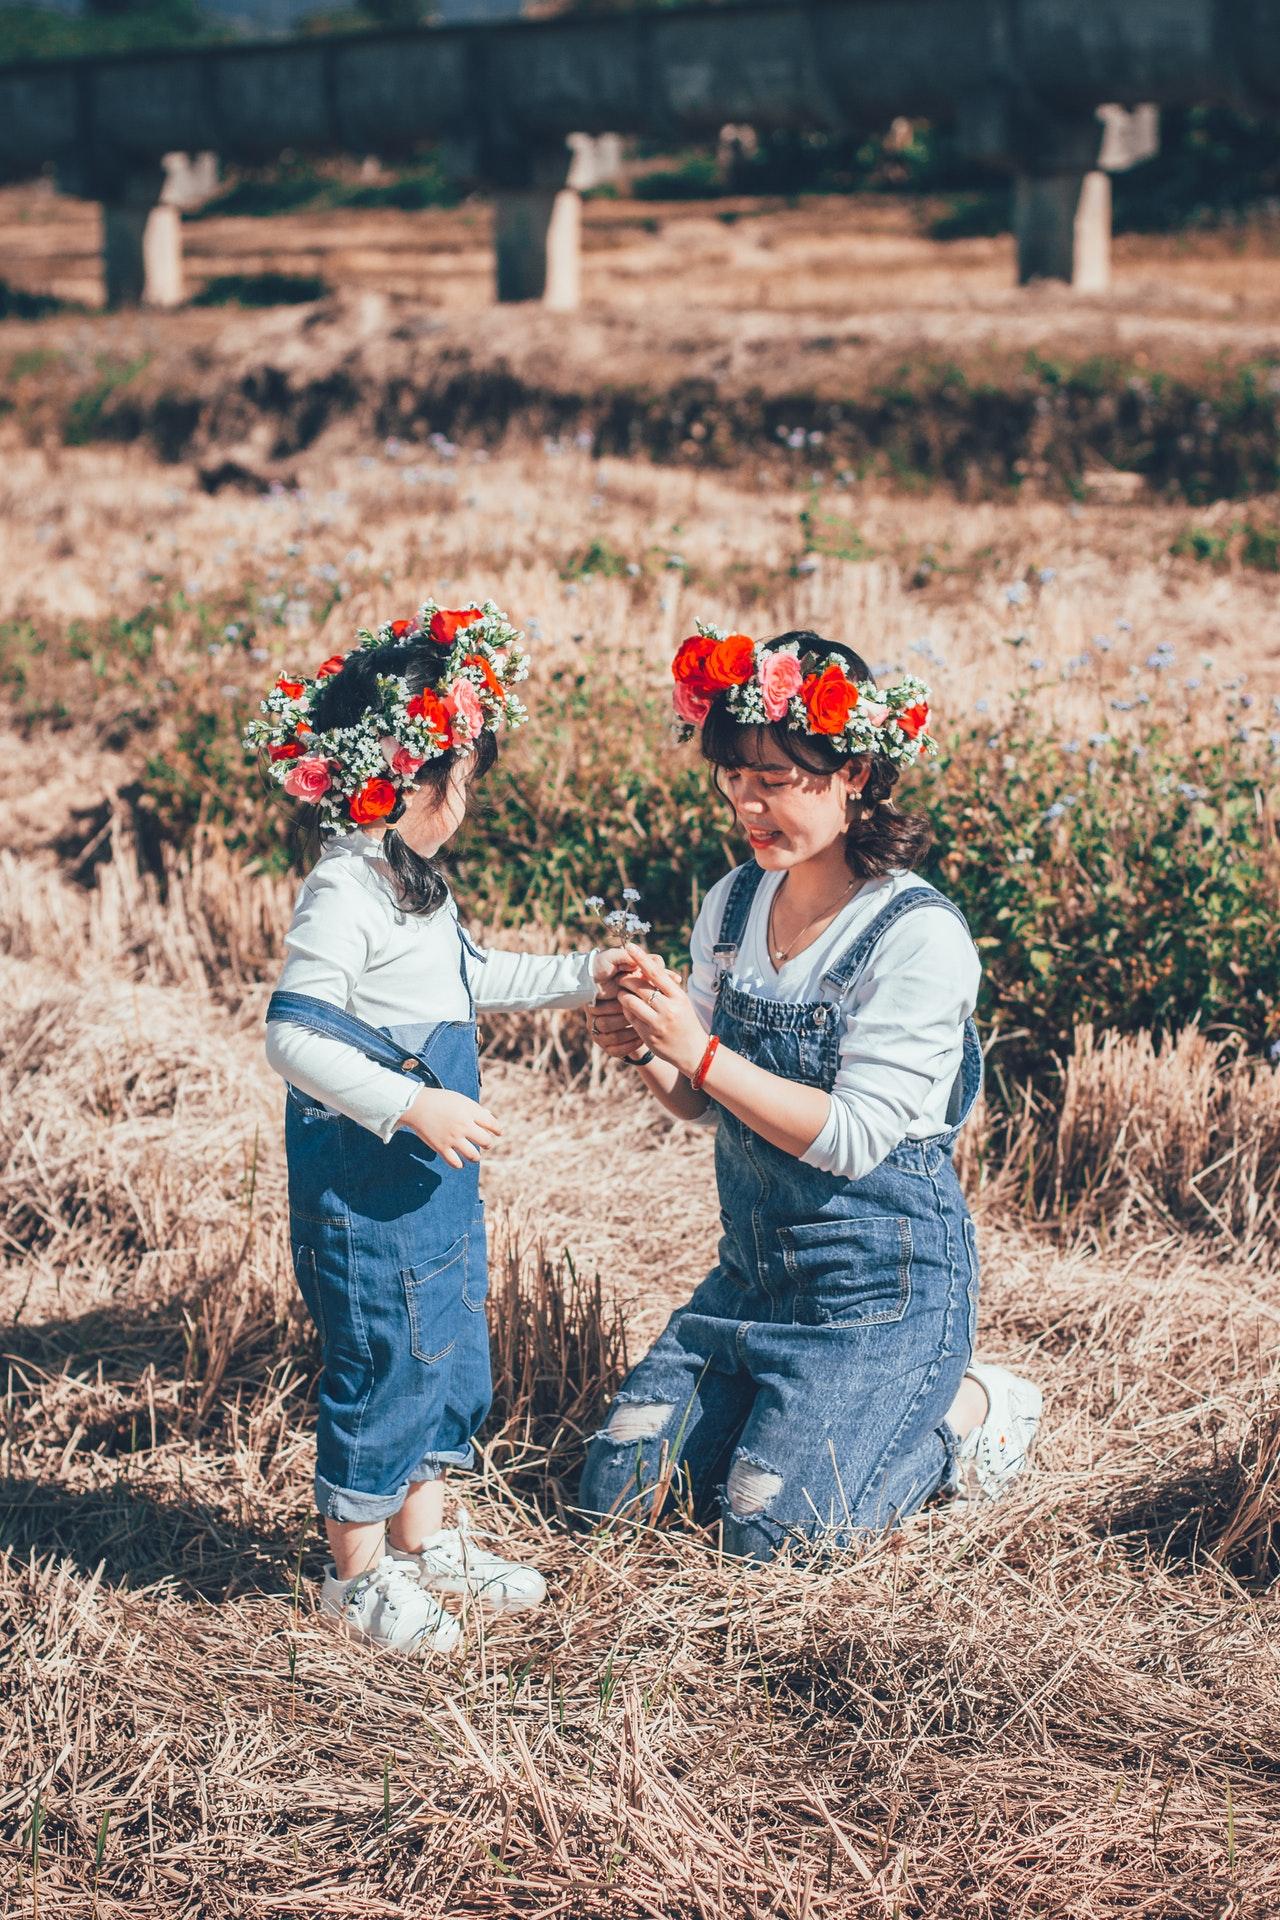 maman et fille habillée de façon similaire avec une salopette en jean et couronne de fleurs